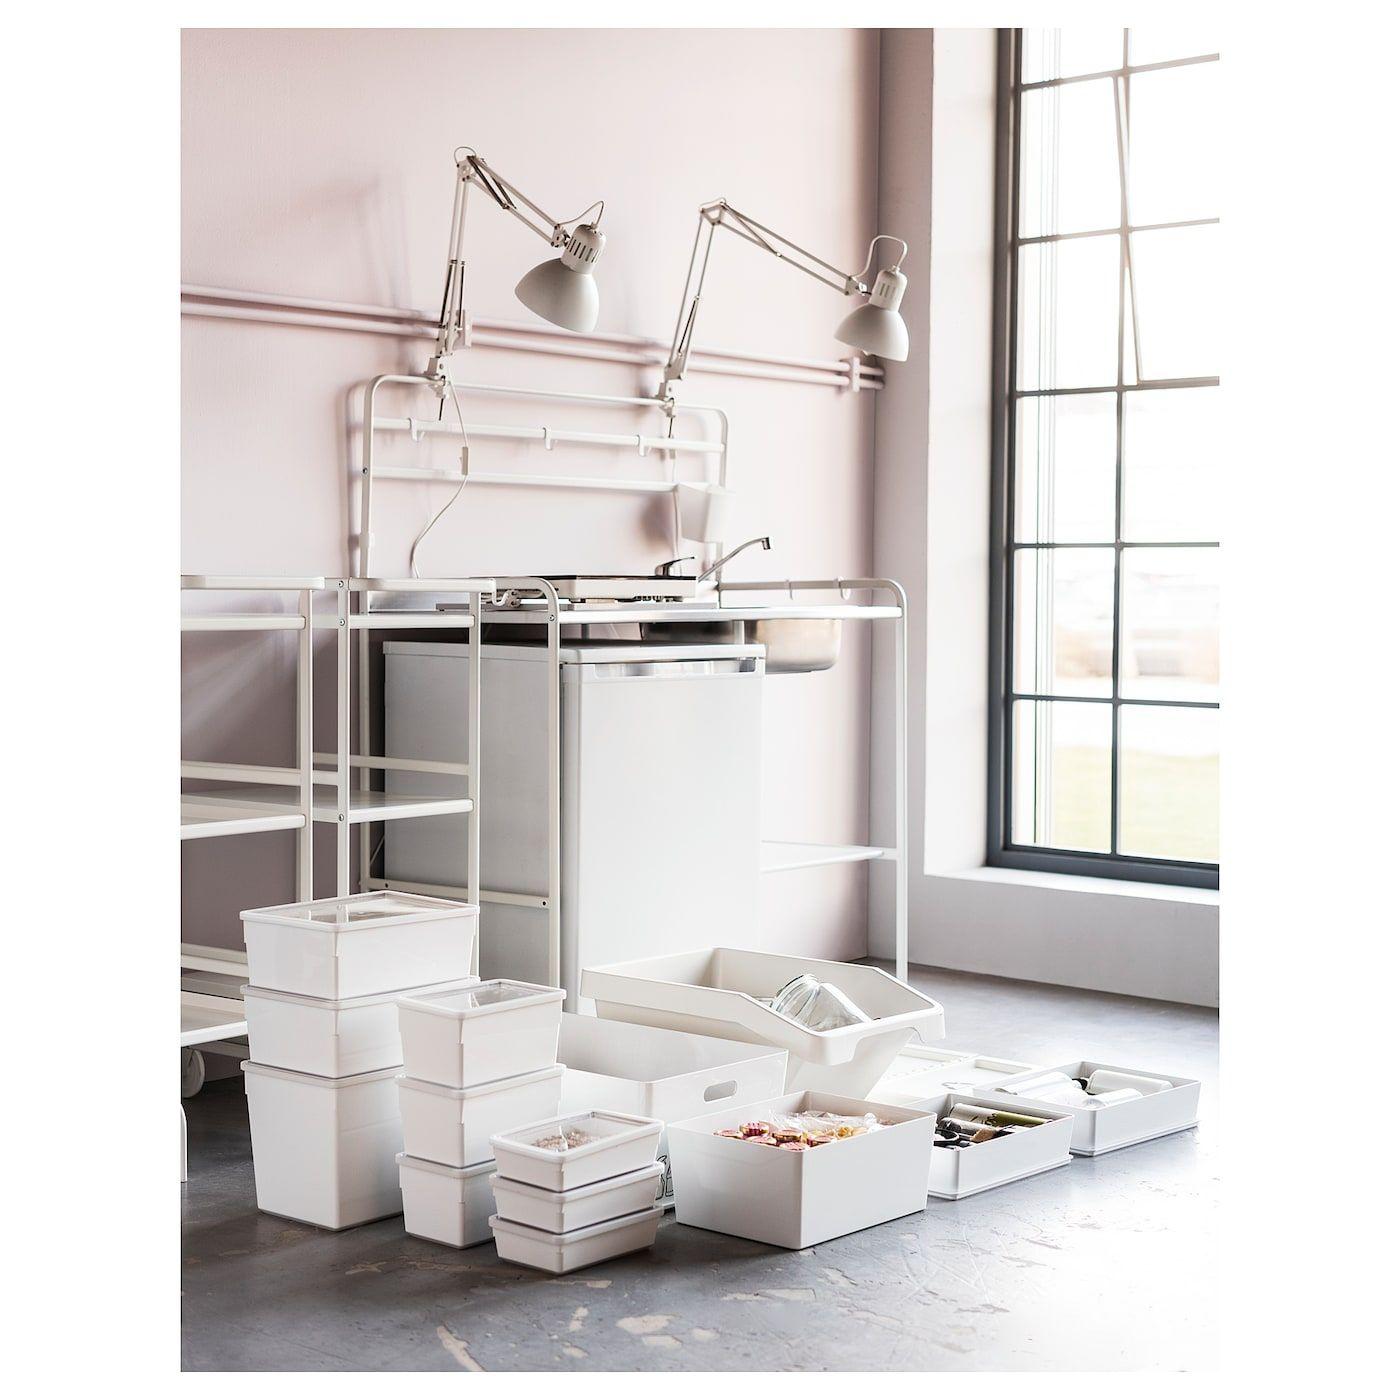 IKEA SUNNERSTA Minikitchen Small space kitchen, Mini